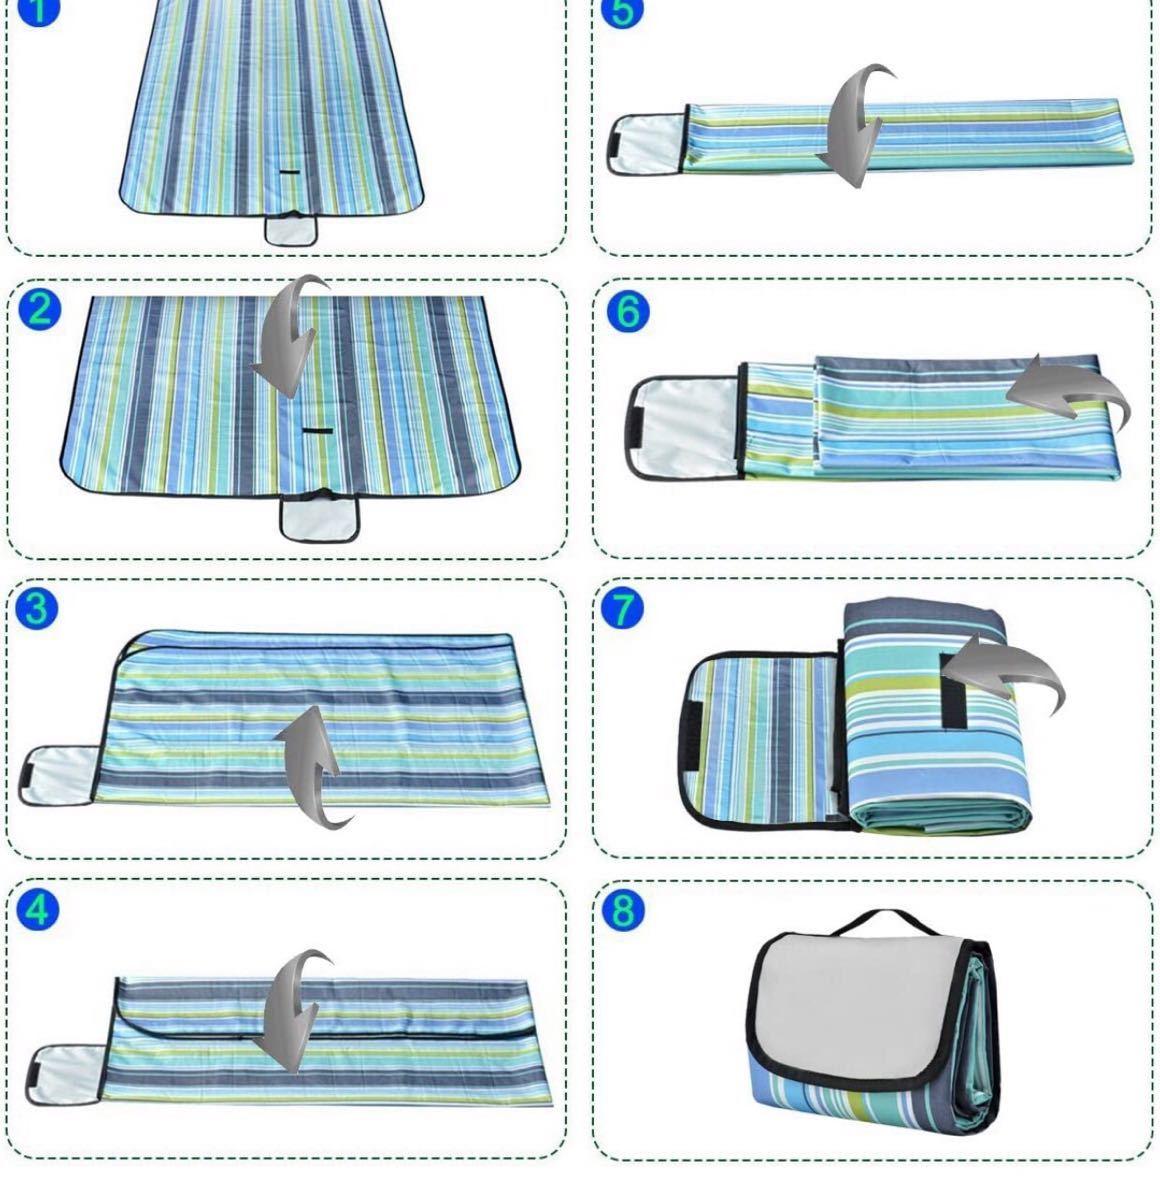 レジャーシート ピクニックシート 折りたたみ 5〜8人用 200x220cm 保温 防水 洗える 厚手 快適な座り心地 軽量